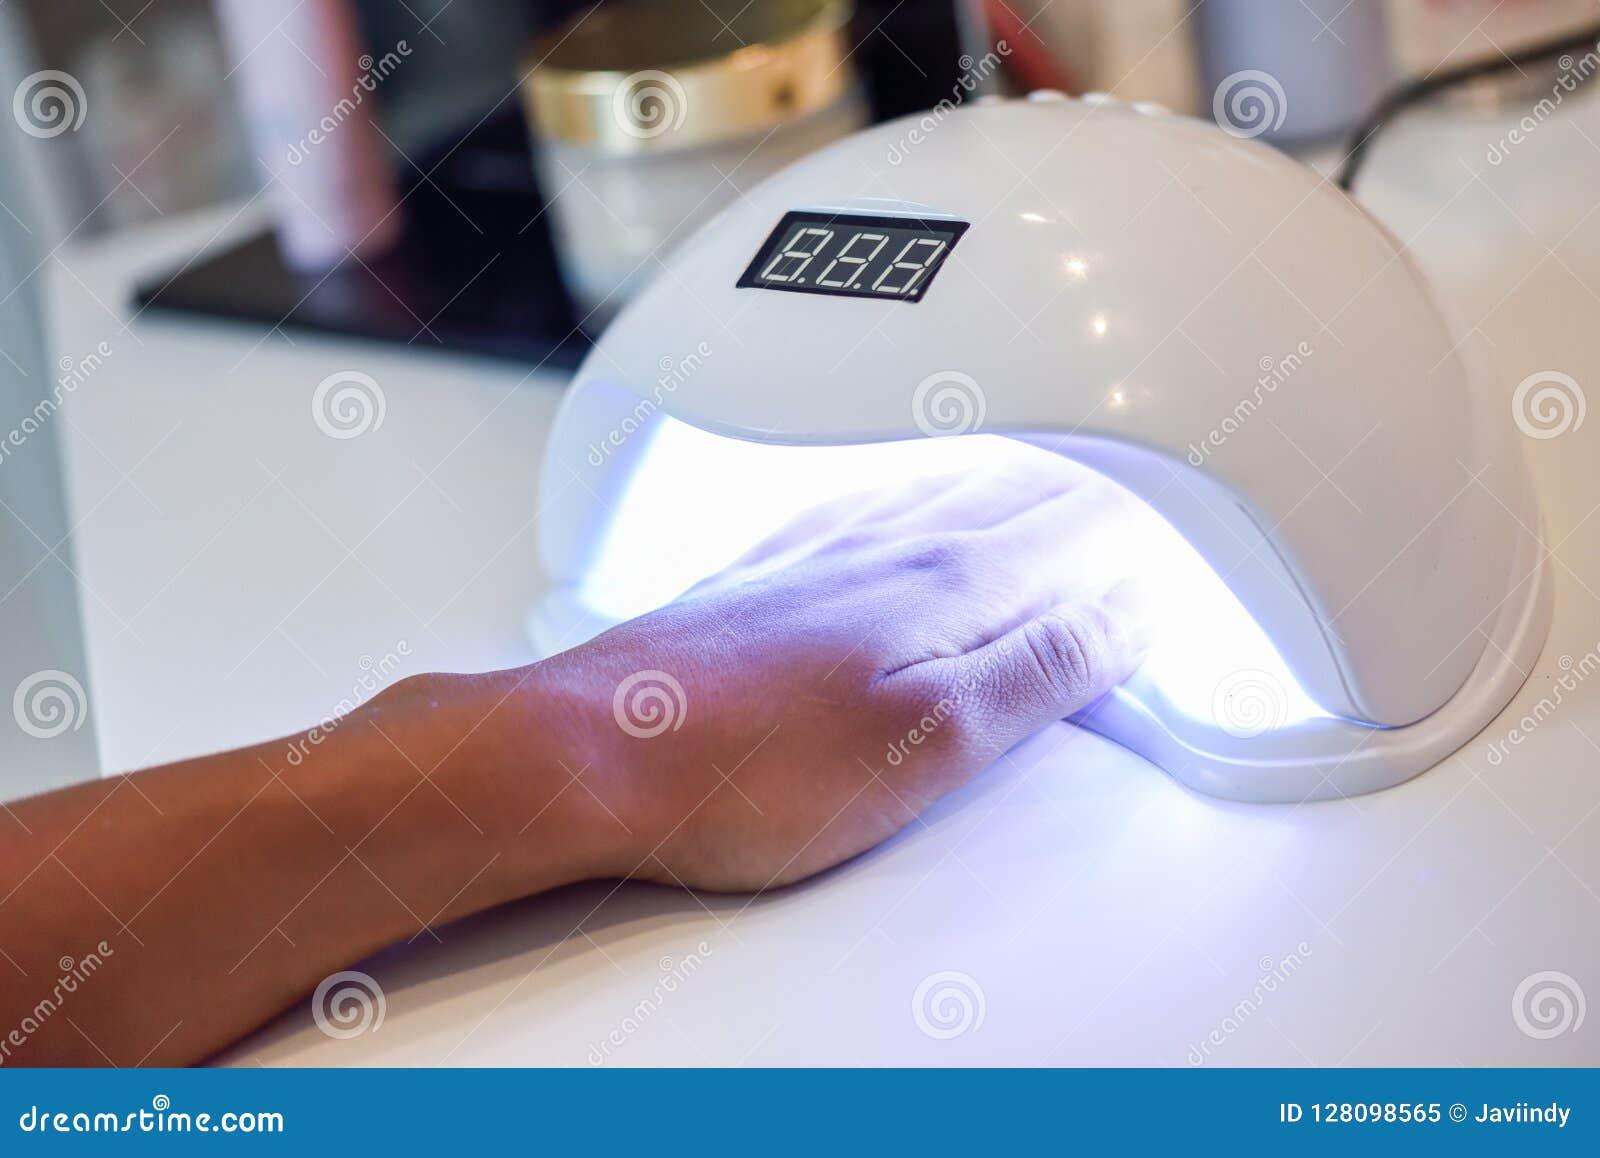 Clavos Manicured en lámpara ULTRAVIOLETA en salón de belleza